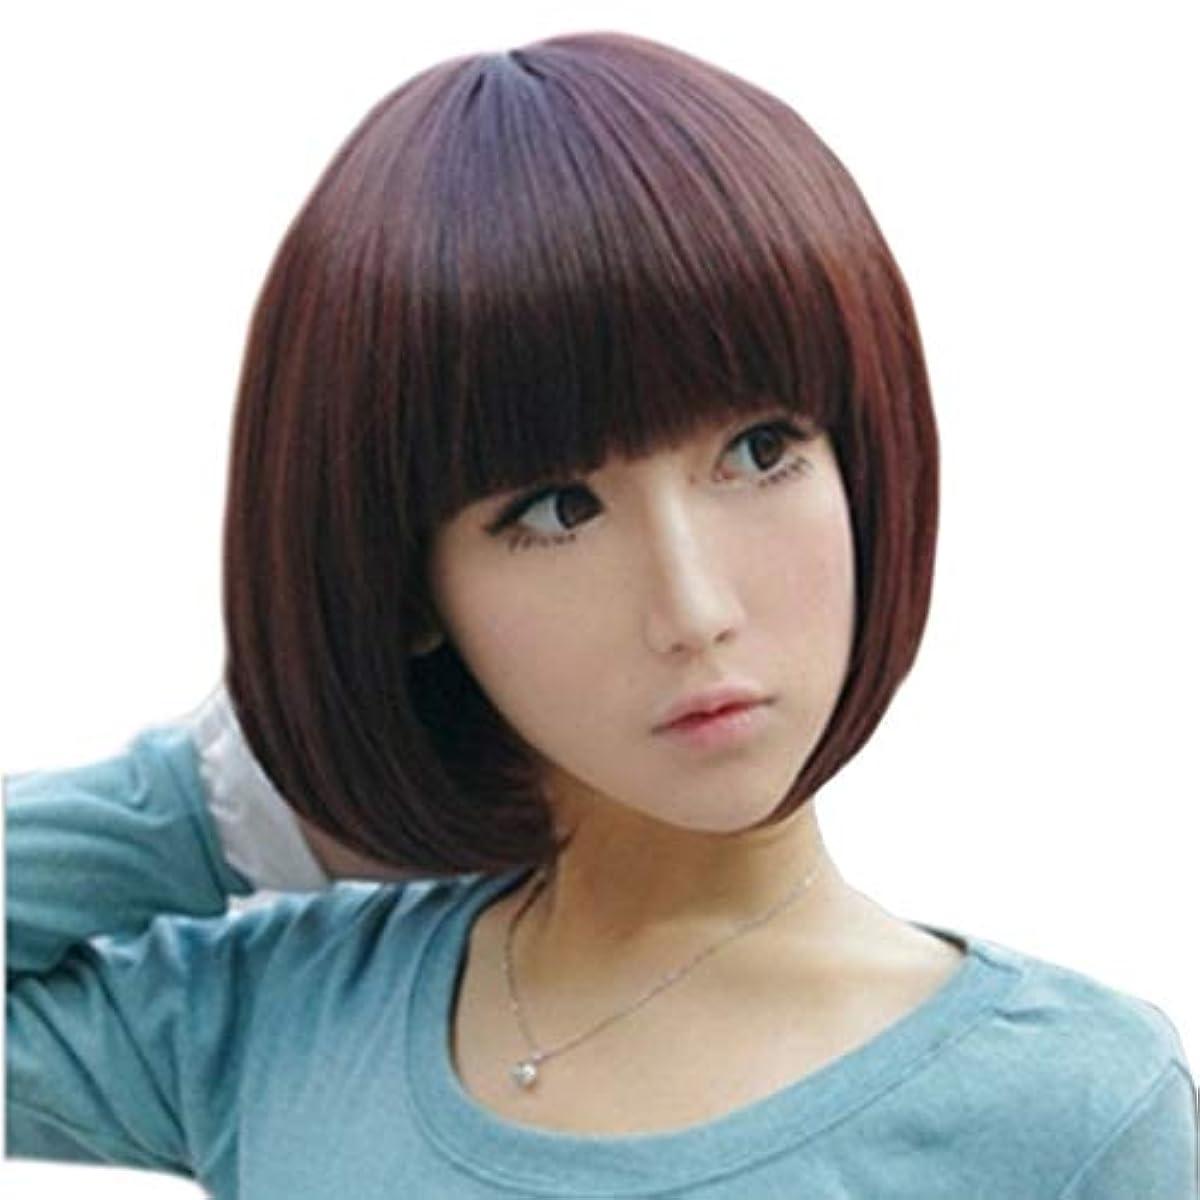 ワーカーバケツのスコアKerwinner 本物の髪のように自然な女性のための平らな前髪でストレートショートボブの髪かつら